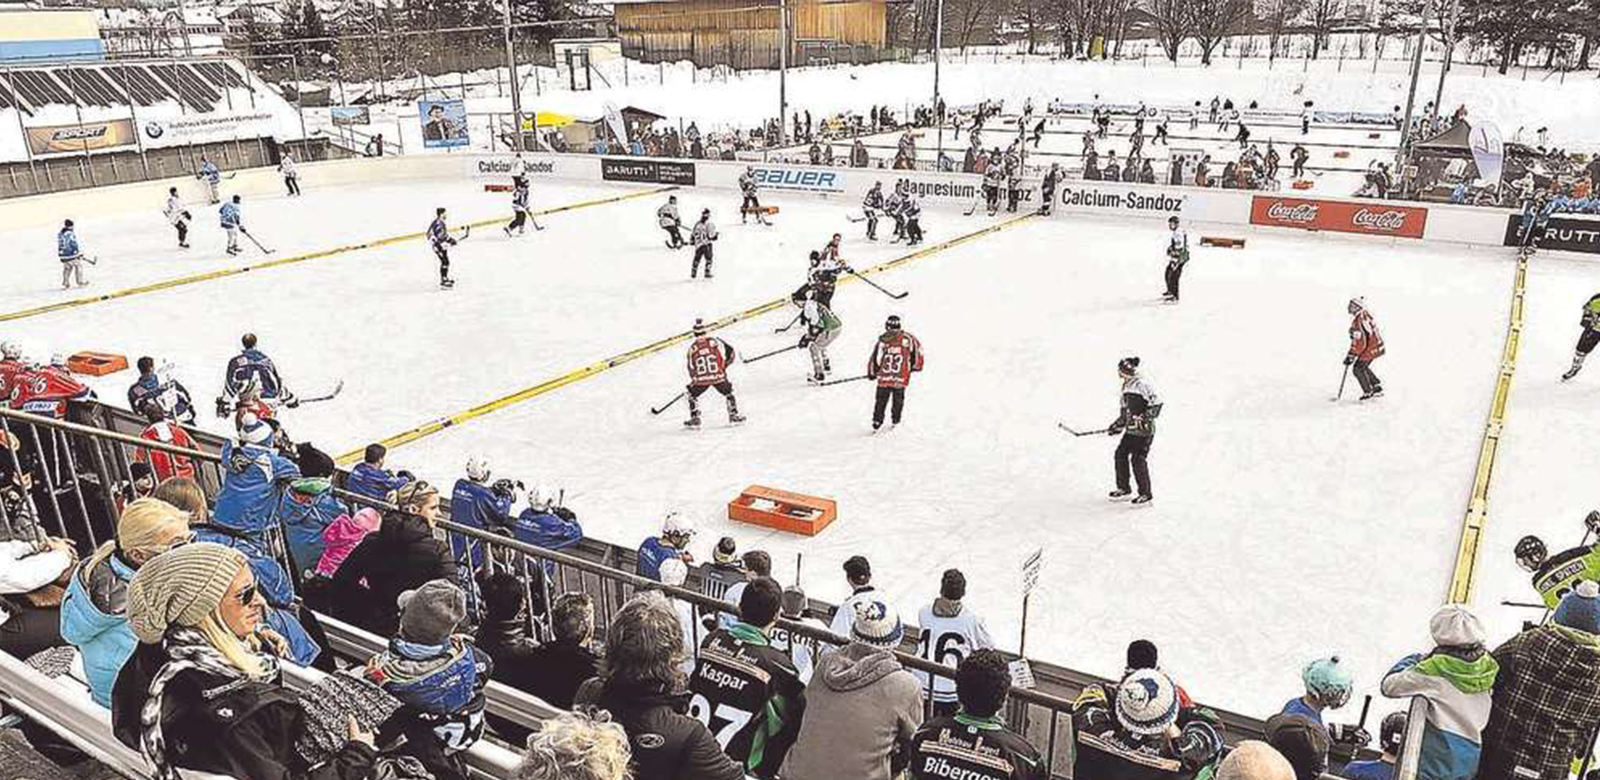 Pondhockey Garmisch-Partenkirchen